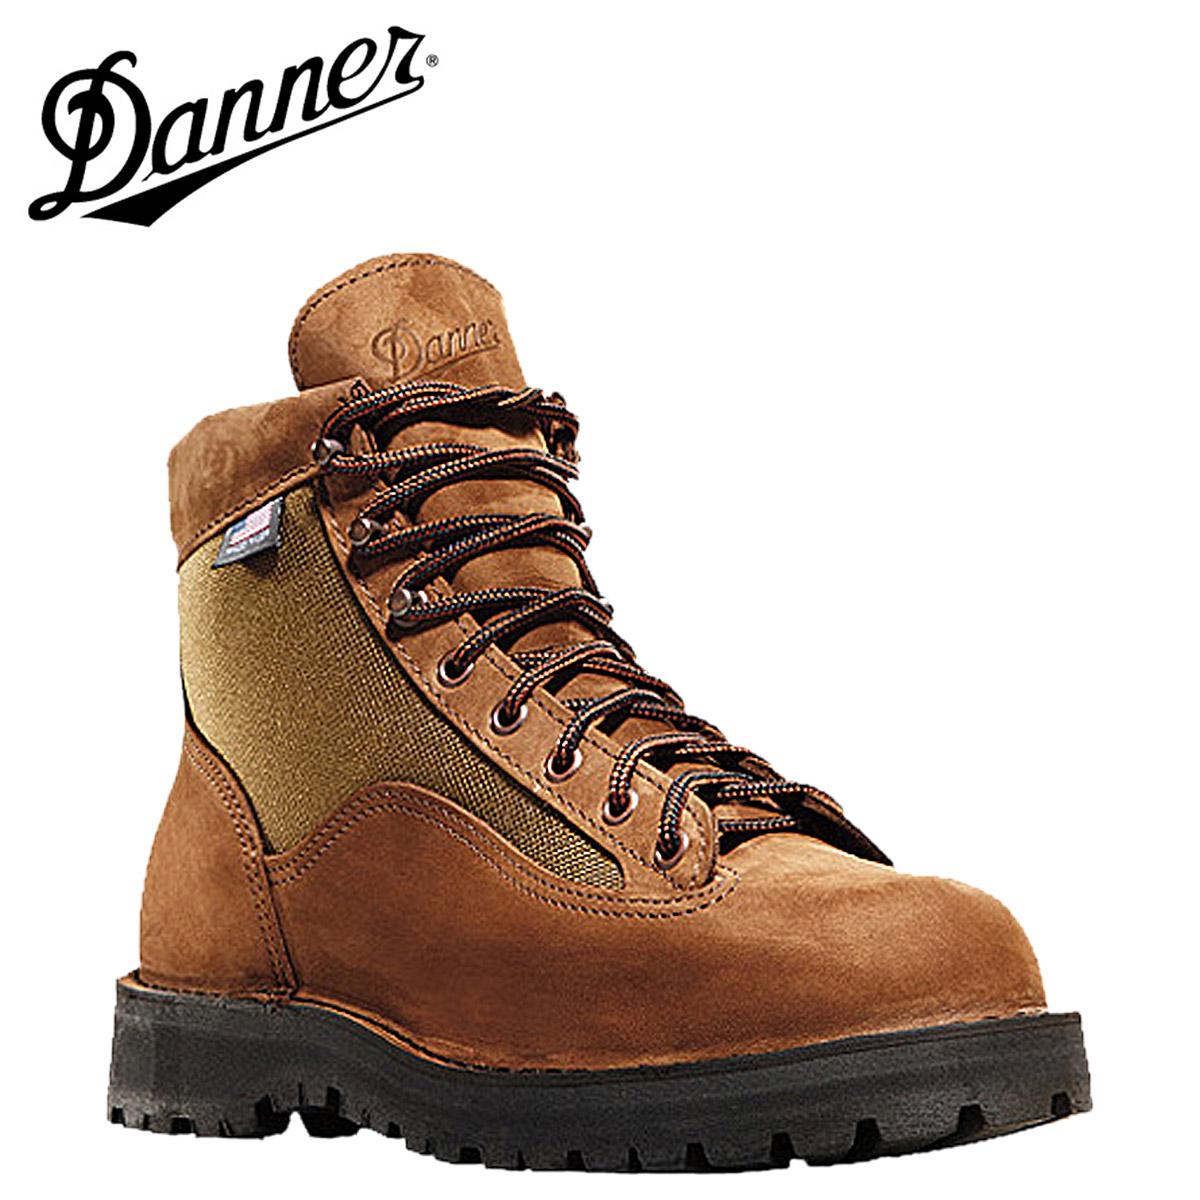 ダナー Danner ダナーライト2 ブーツ メンズ DANNER LIGHT 2 Dワイズ EEワイズ MADE IN USA ライトブラウン 33000